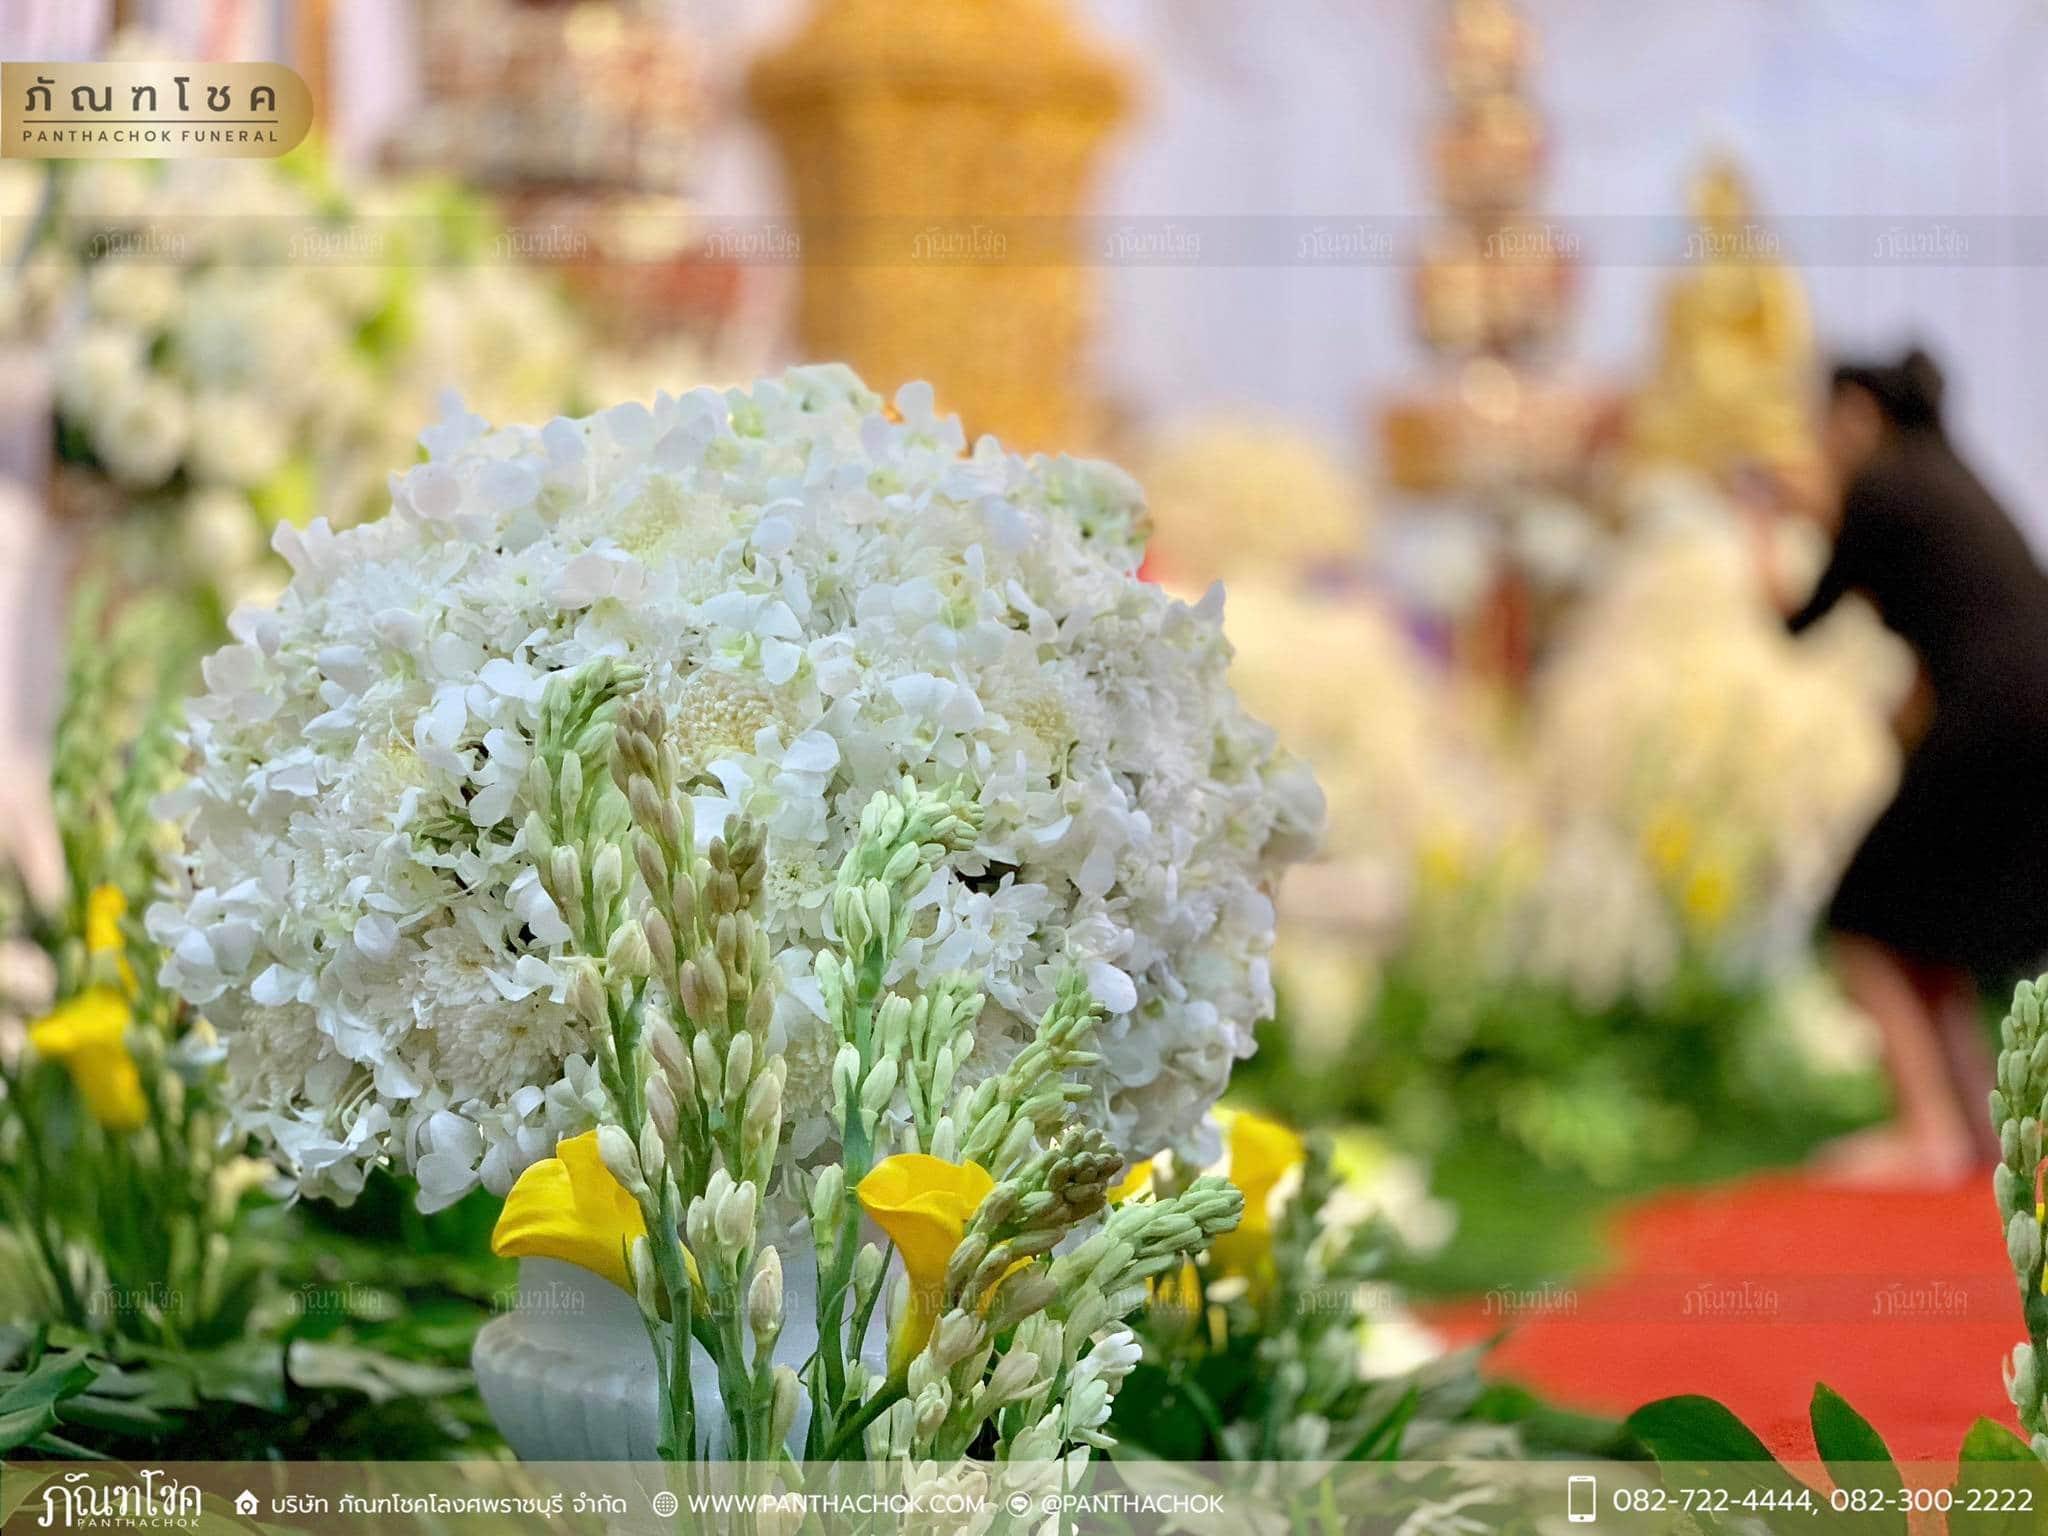 ดอกไม้ประดับหน้าโกศ อดีตผู้ว่าราชการจังหวัดราชบุรี 15